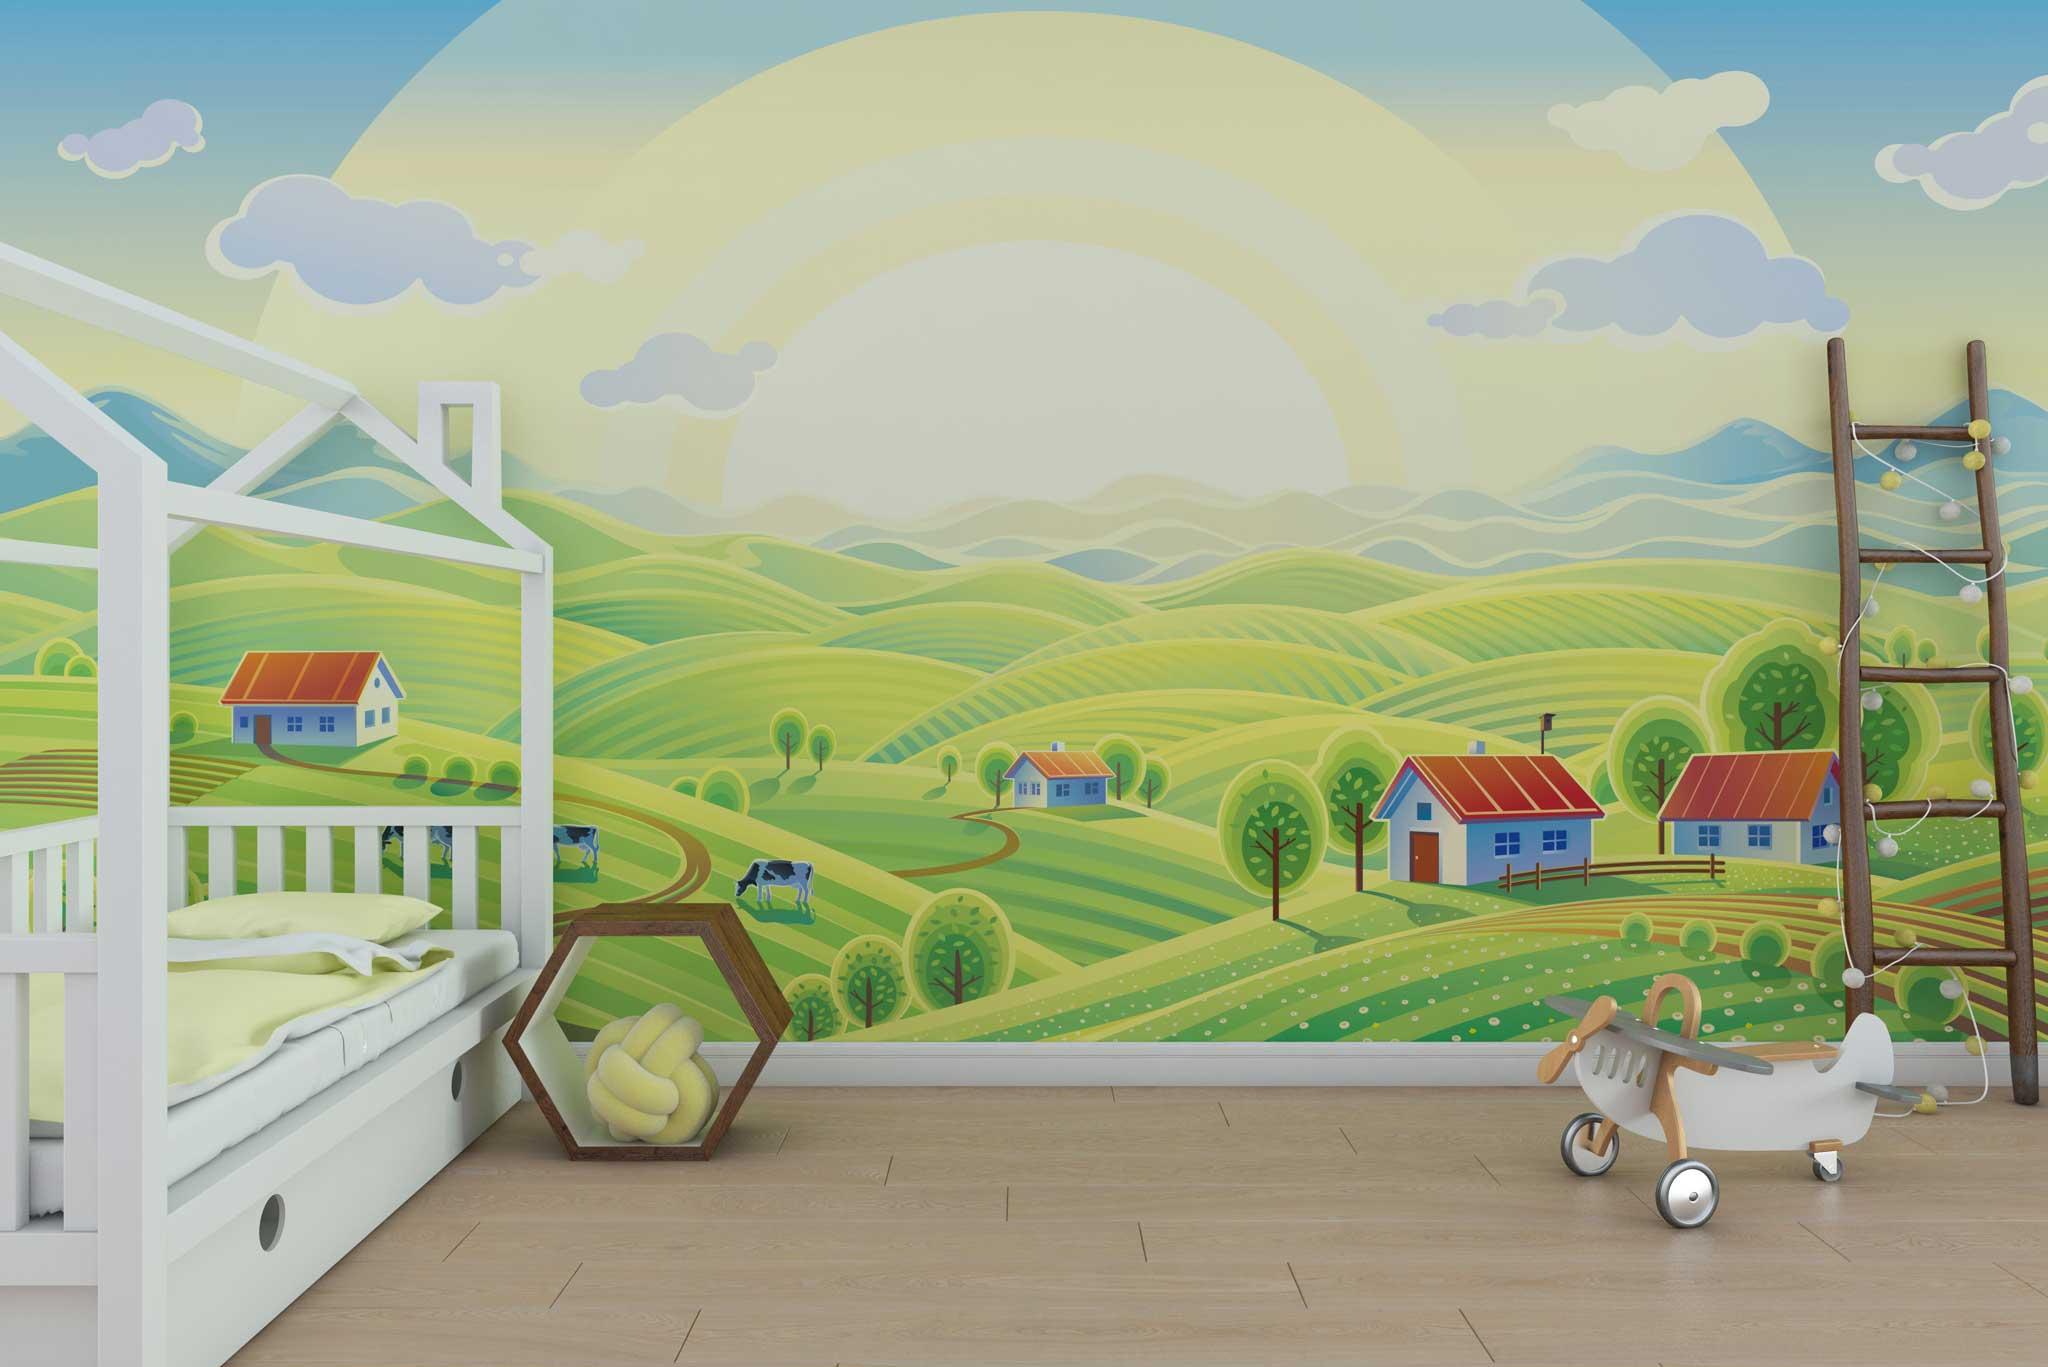 tapet-fototapet-design-personalizat-customizabil-comanda-special-camera-dormitor-copii-model-sat-dealuri-soare-stralucitor-campie-verde-multicolor